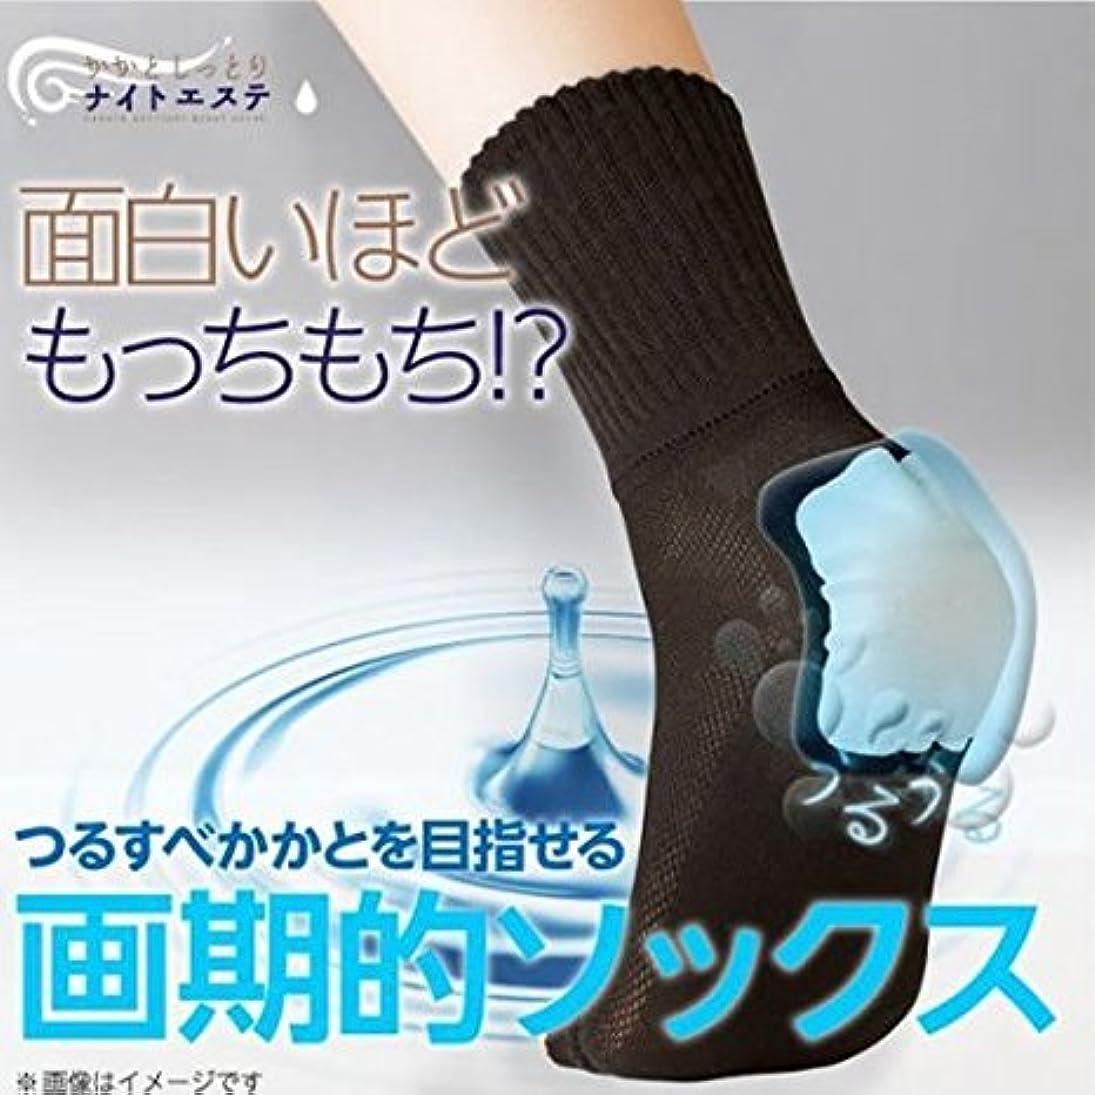 策定する病的信頼特許取得済治療シート採用!『履くだけこっそりナイトエステ』 ガサガサ足、かかとのヒビ割れが気になるなら??